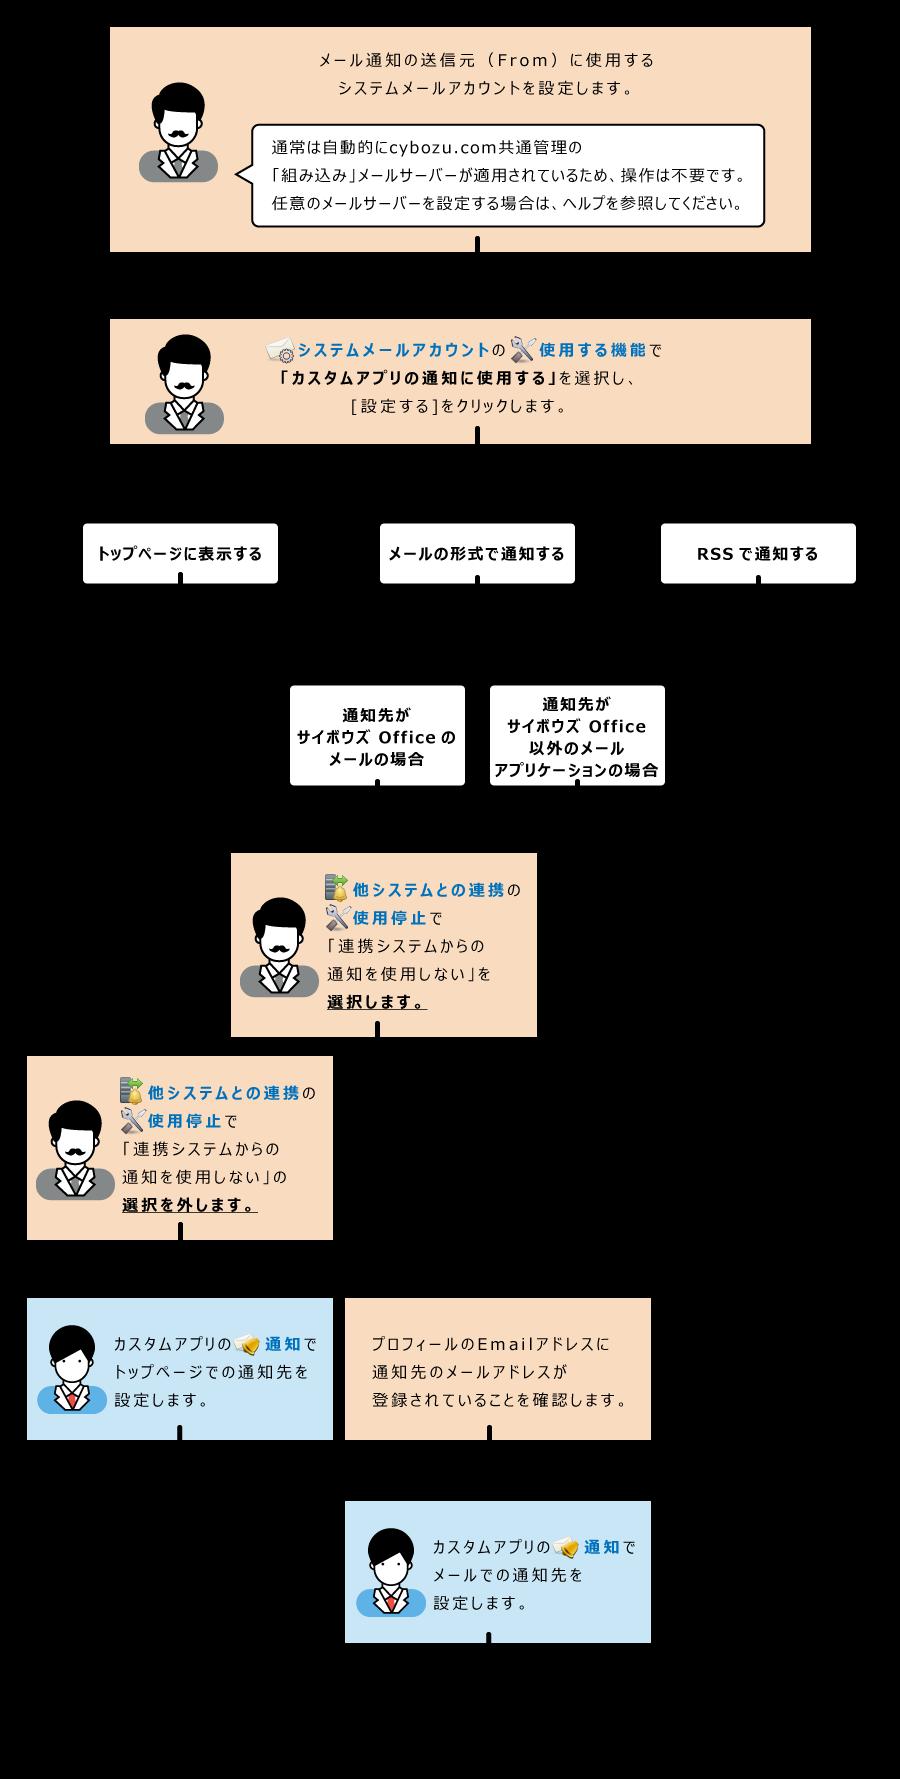 カスタムアプリの通知の設定イメージ